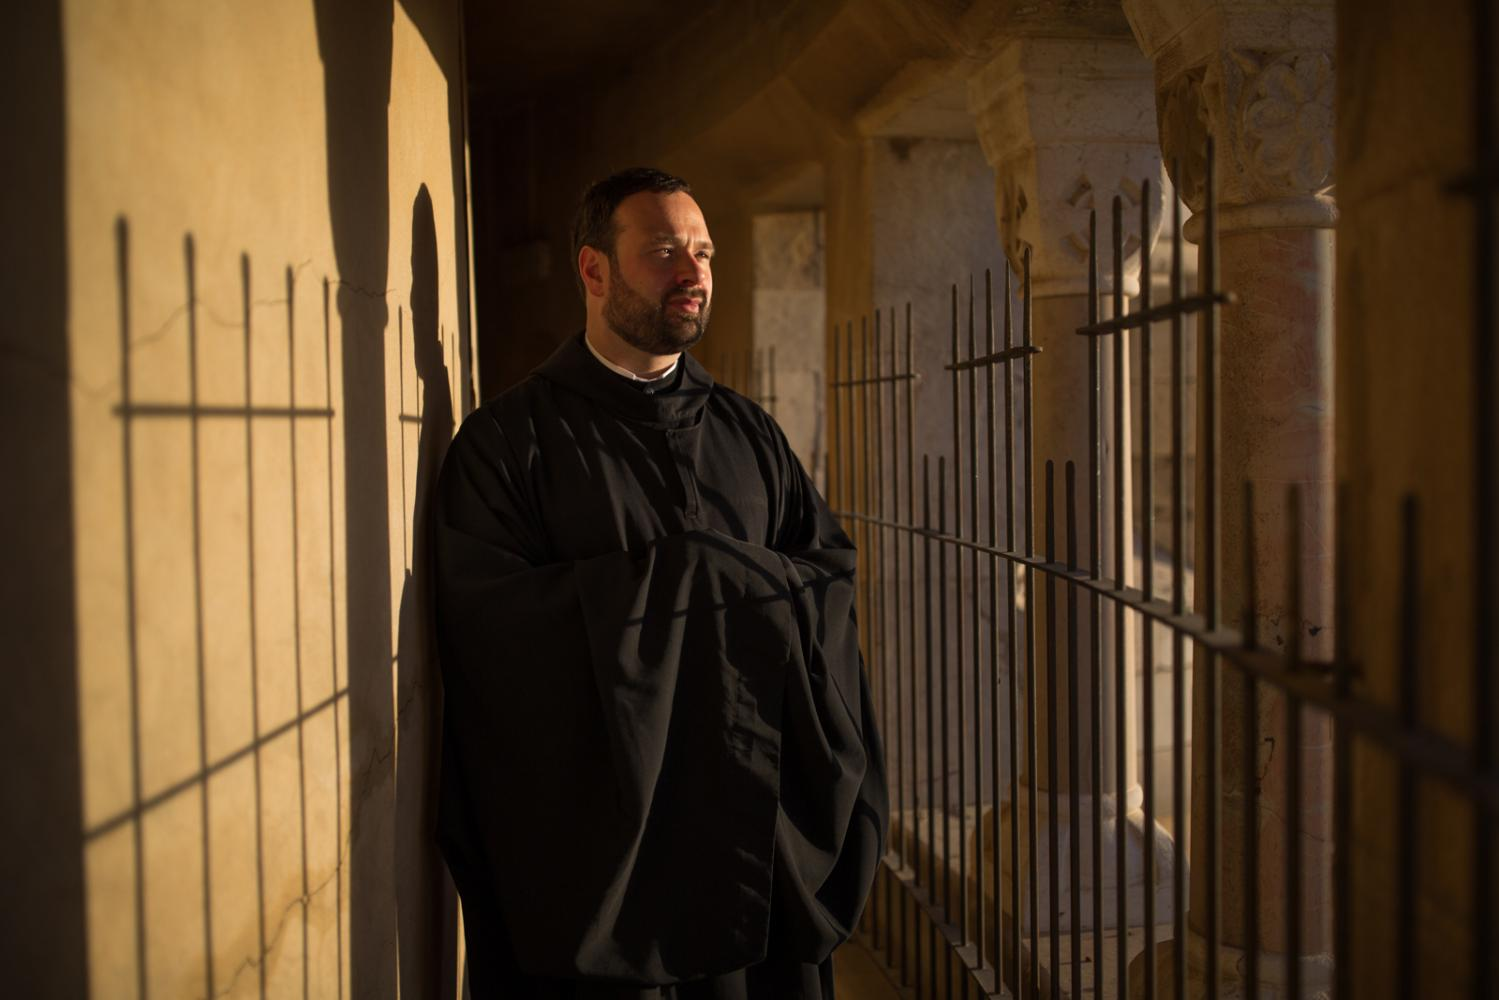 Portrait von Pater Nikodemus in der Dormition Abbey in Jerusalem's Old City, 24.November 2016.